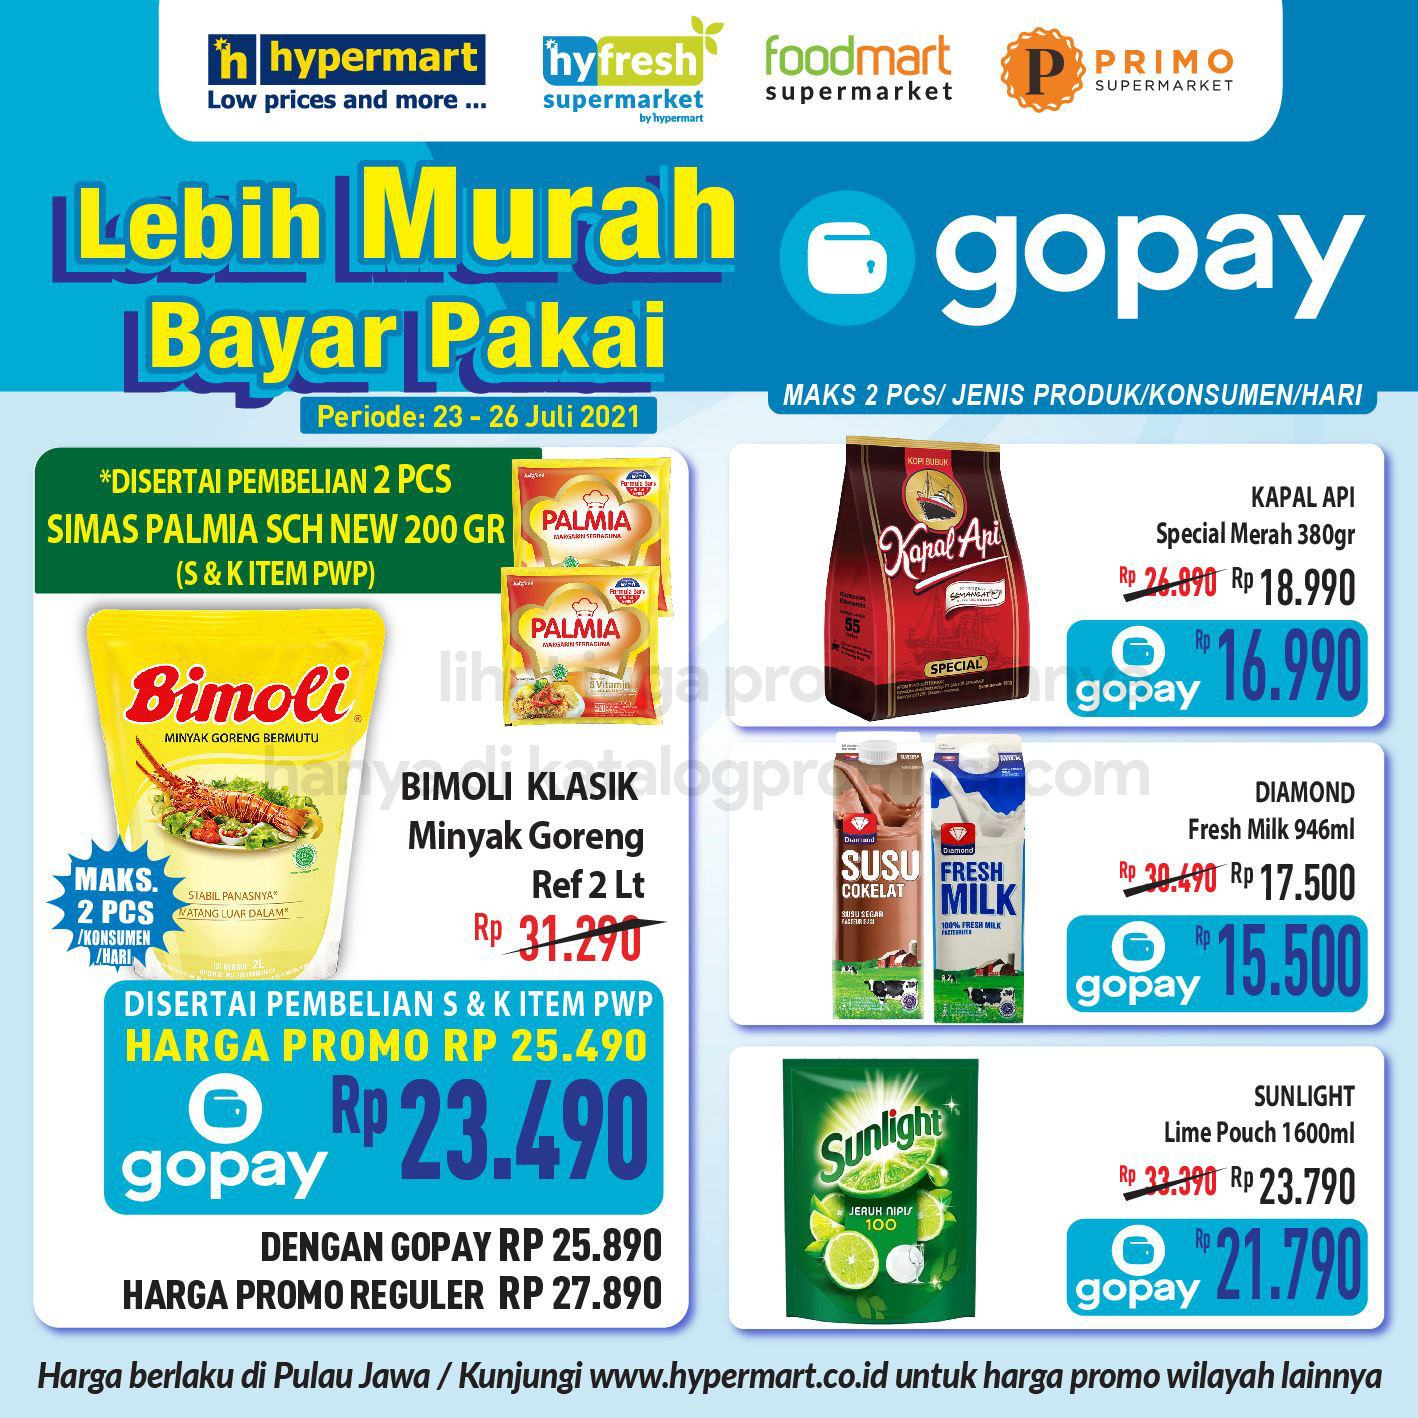 Promo HYPERMART - HARGA SPESIAL untuk transaksi pakai GOPAY